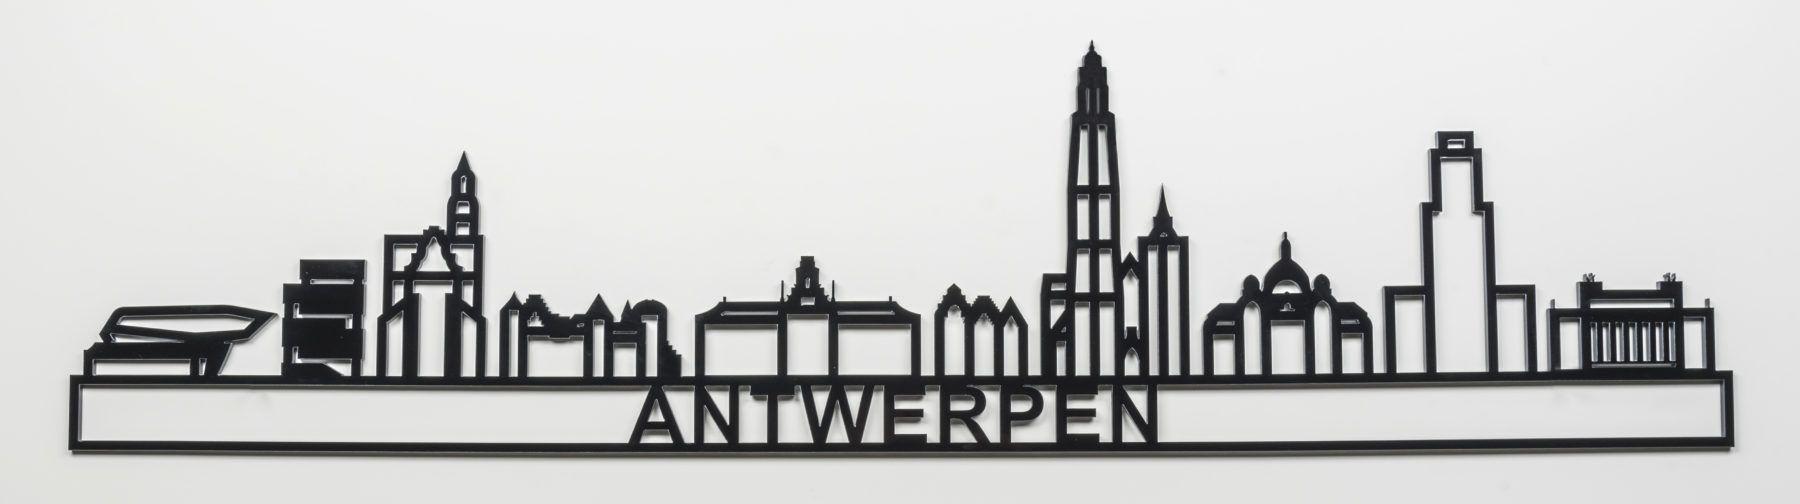 De Skyline Van Antwerpen Bestaat Onder Andere Uit De Iconen De Grote Markt De Onze Lieve Vrouwekathedraal Station Antwerpen Skyline Antwerpen Poster Ideeen